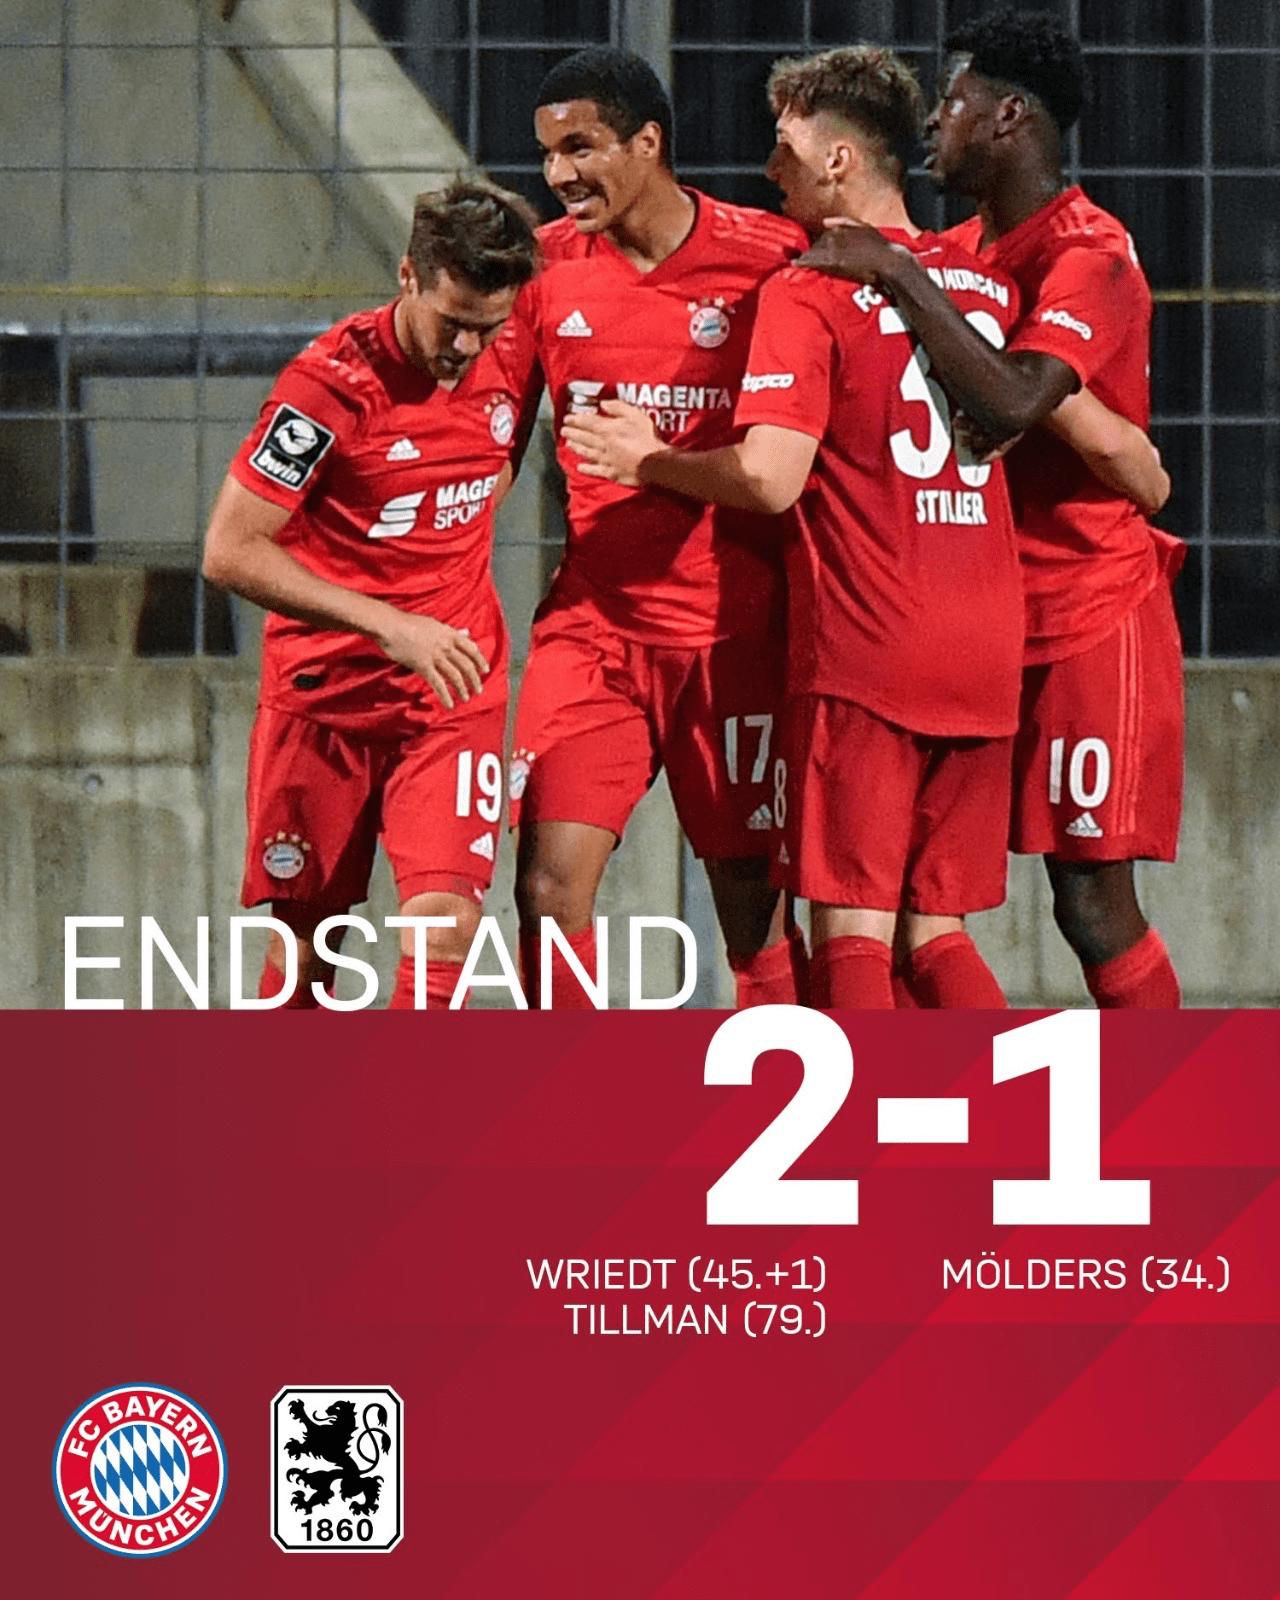 德比大战!拜仁慕尼黑2队2-1大逆转慕尼黑1860 積分创史